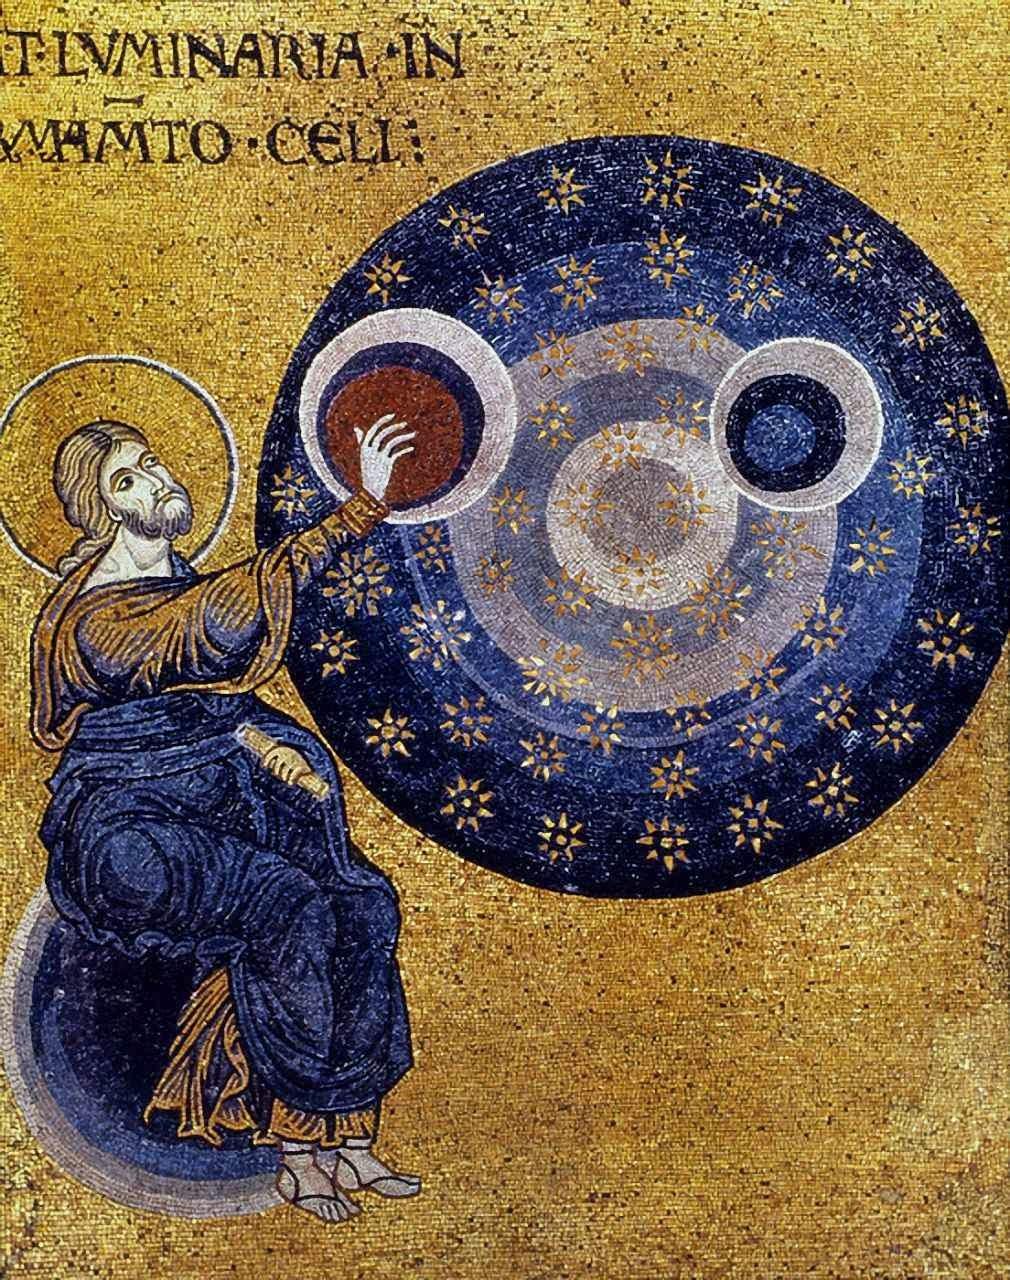 Fenômenos como o identificado pela NASA postulam a existência de um Deus que criou o mundo com infinita sabedoria e o governa com insondável poder. Mosaico siciliano do século XII